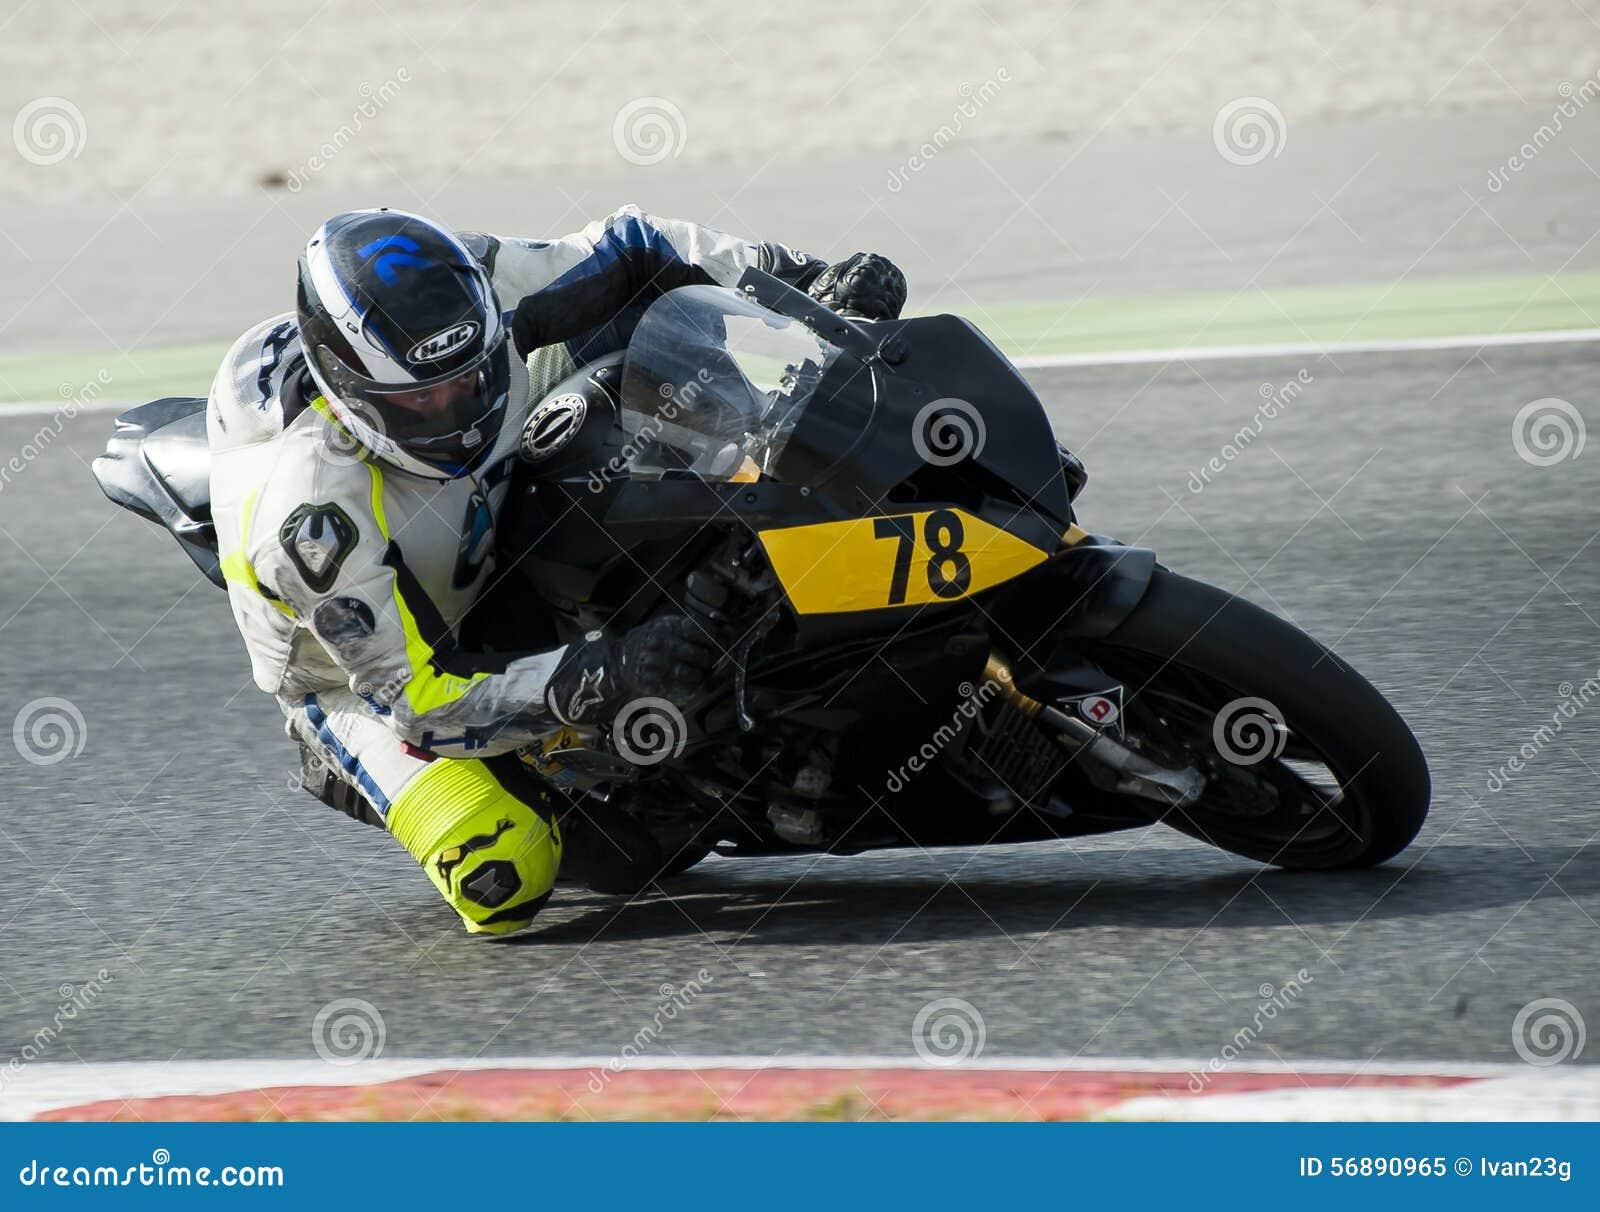 CAMPIONATO CATALANO DI MOTOCICLISMO - IKER CARRACEDO